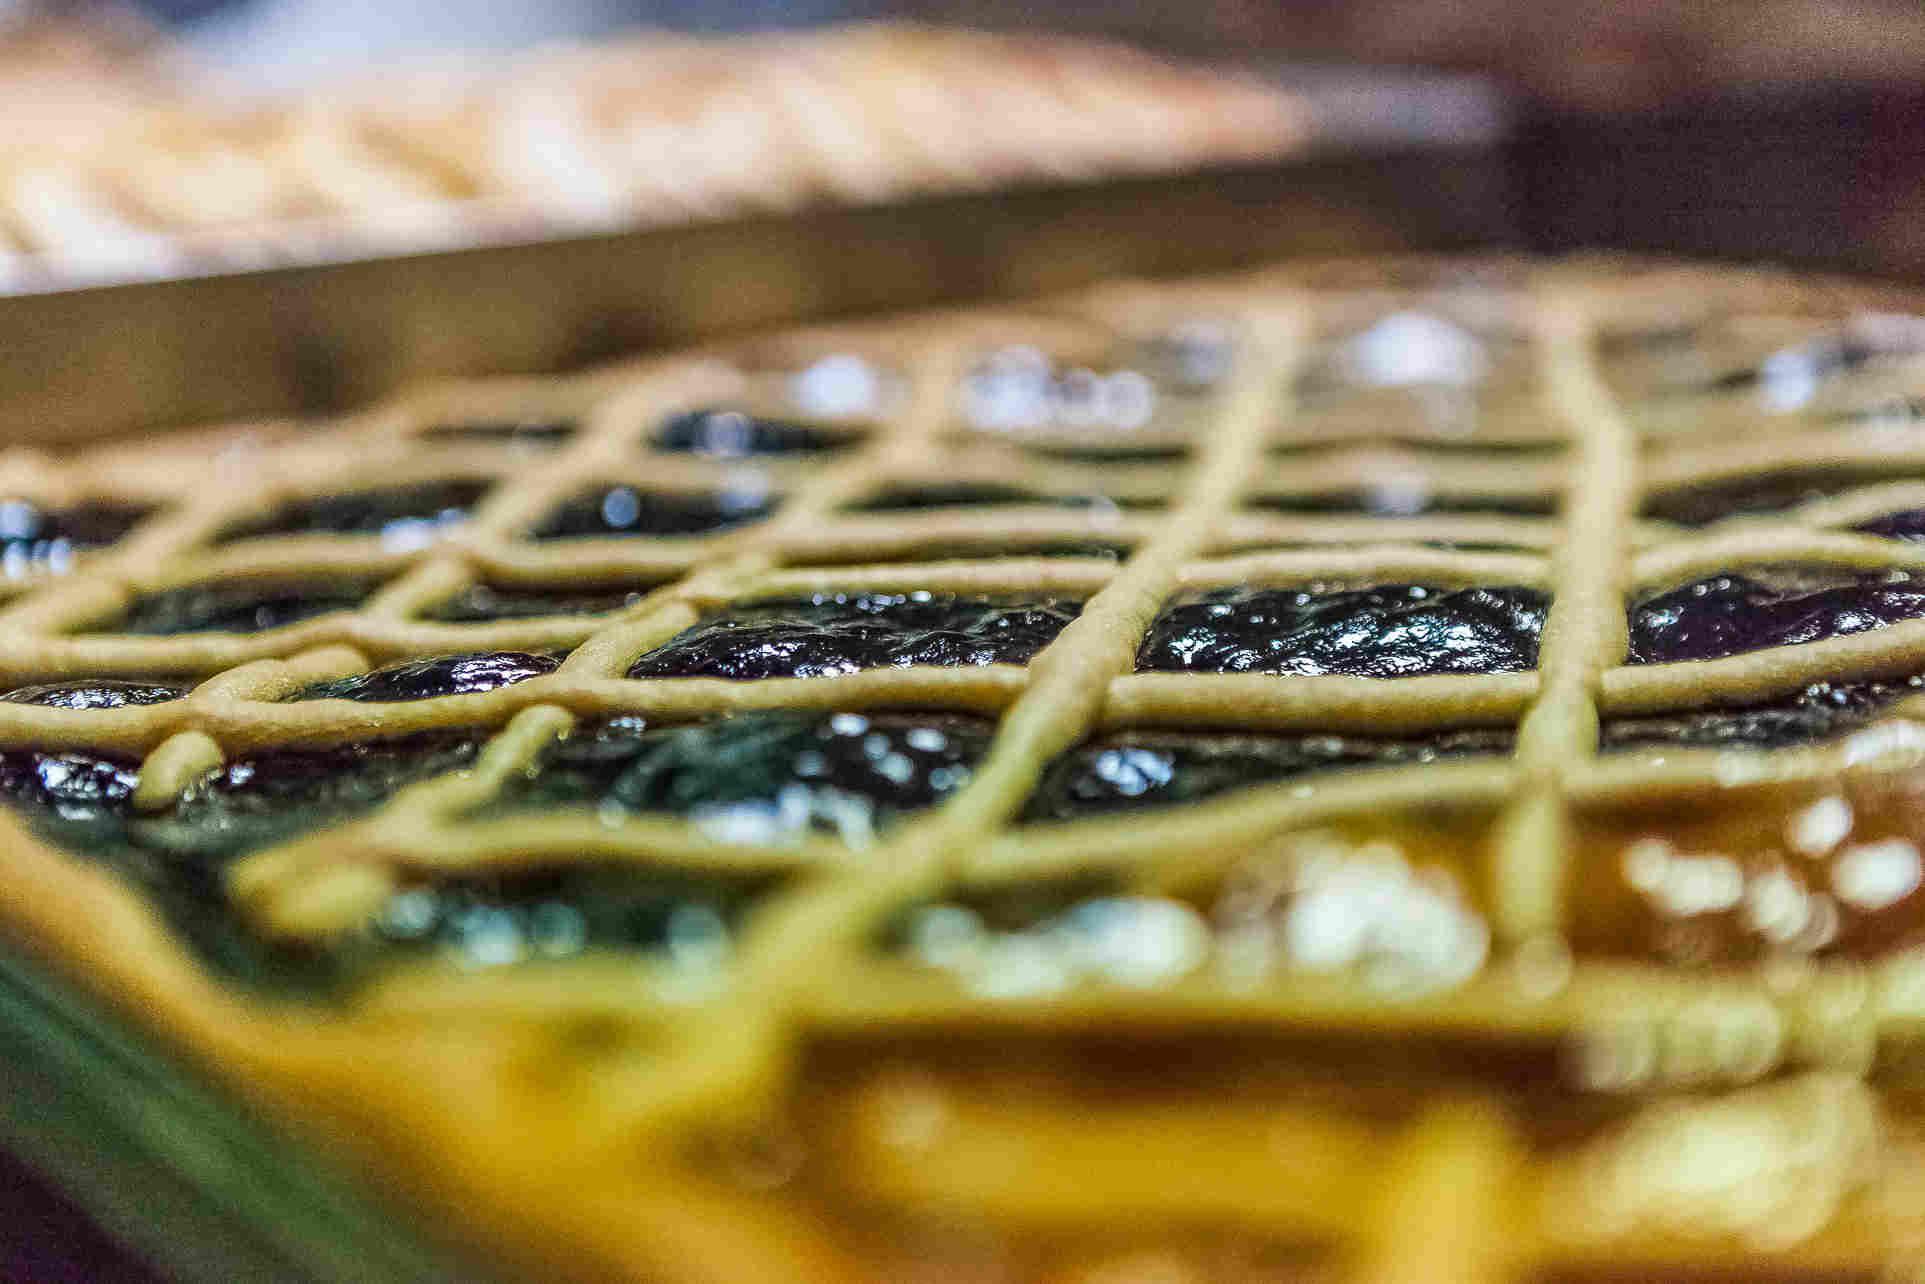 Panificio-Rimbocchi-Casentino-Dolci-Crostate-img